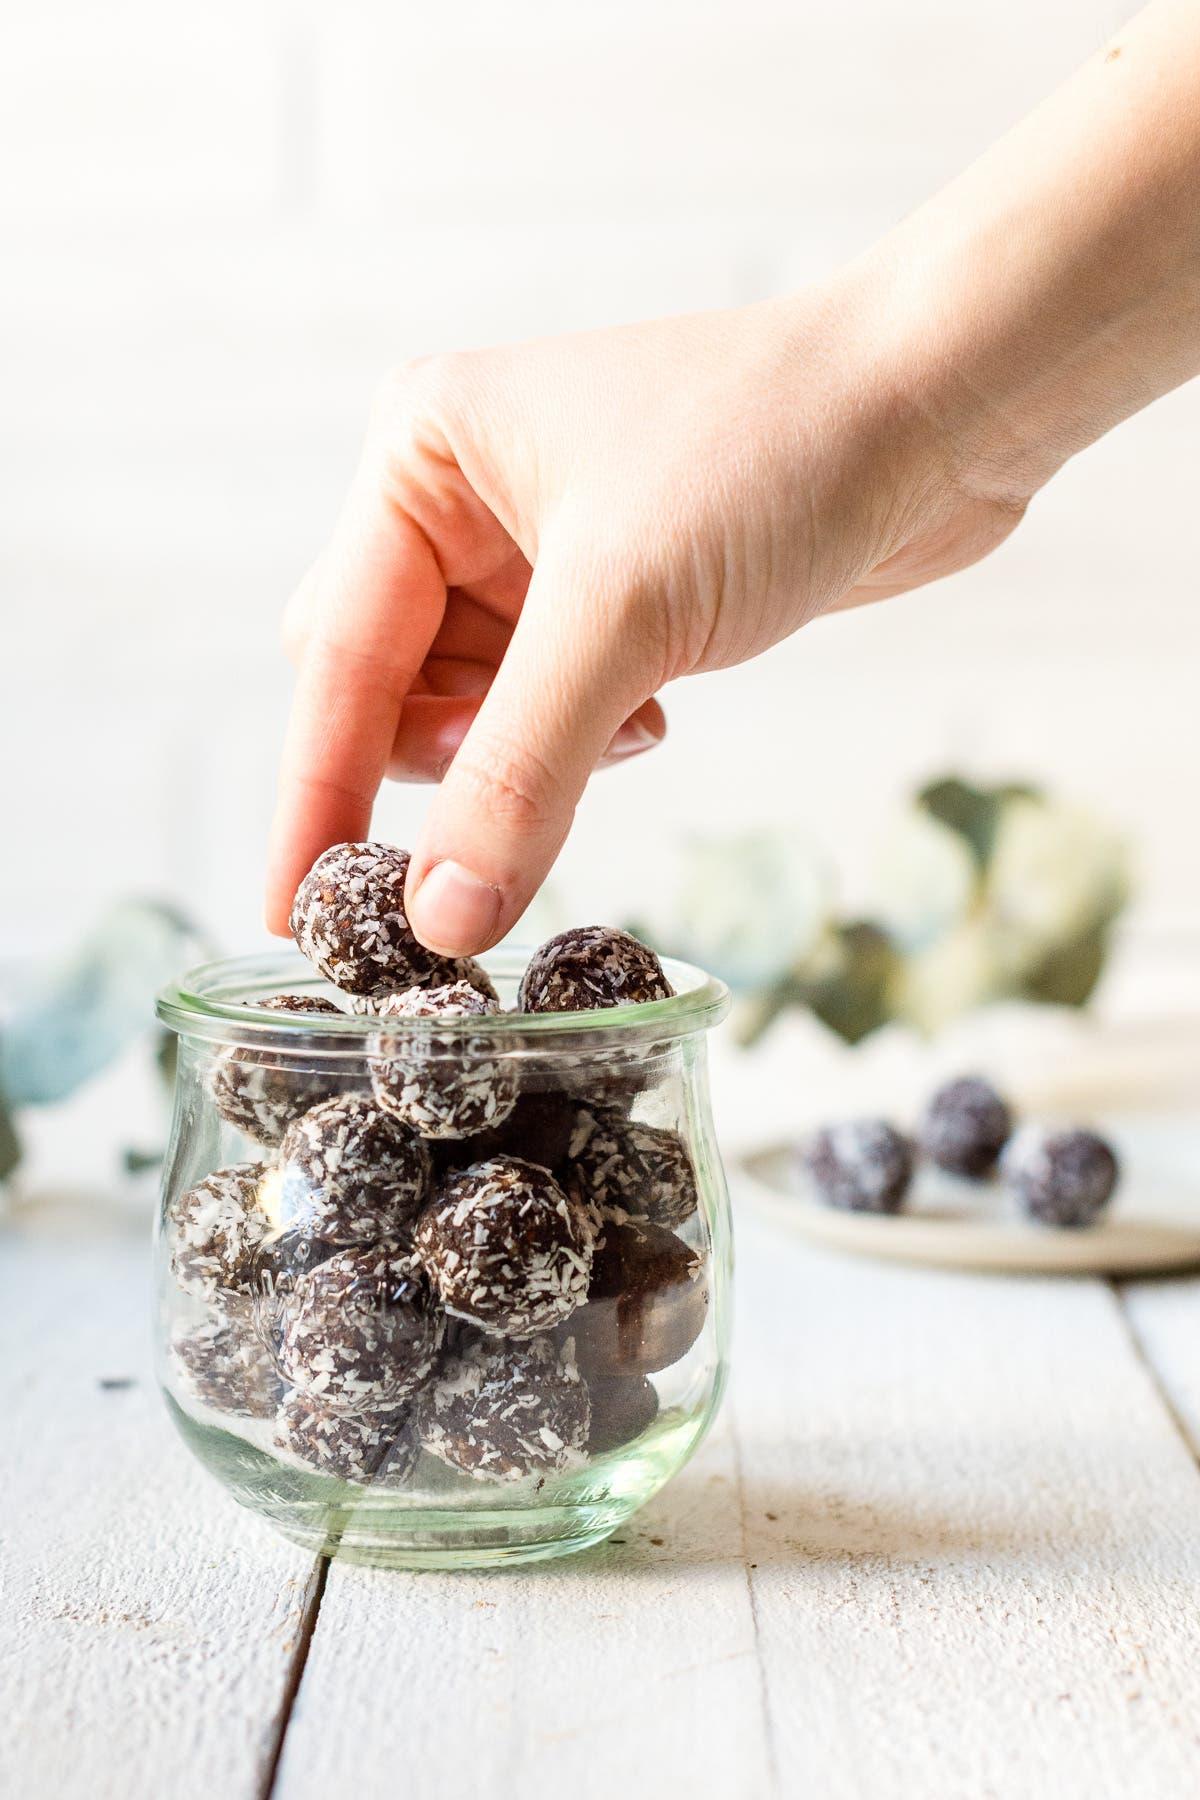 Glas gefüllt mit Schokoladen Kokos Bliss Balls. Hand hält ein Energiebällchen fest.